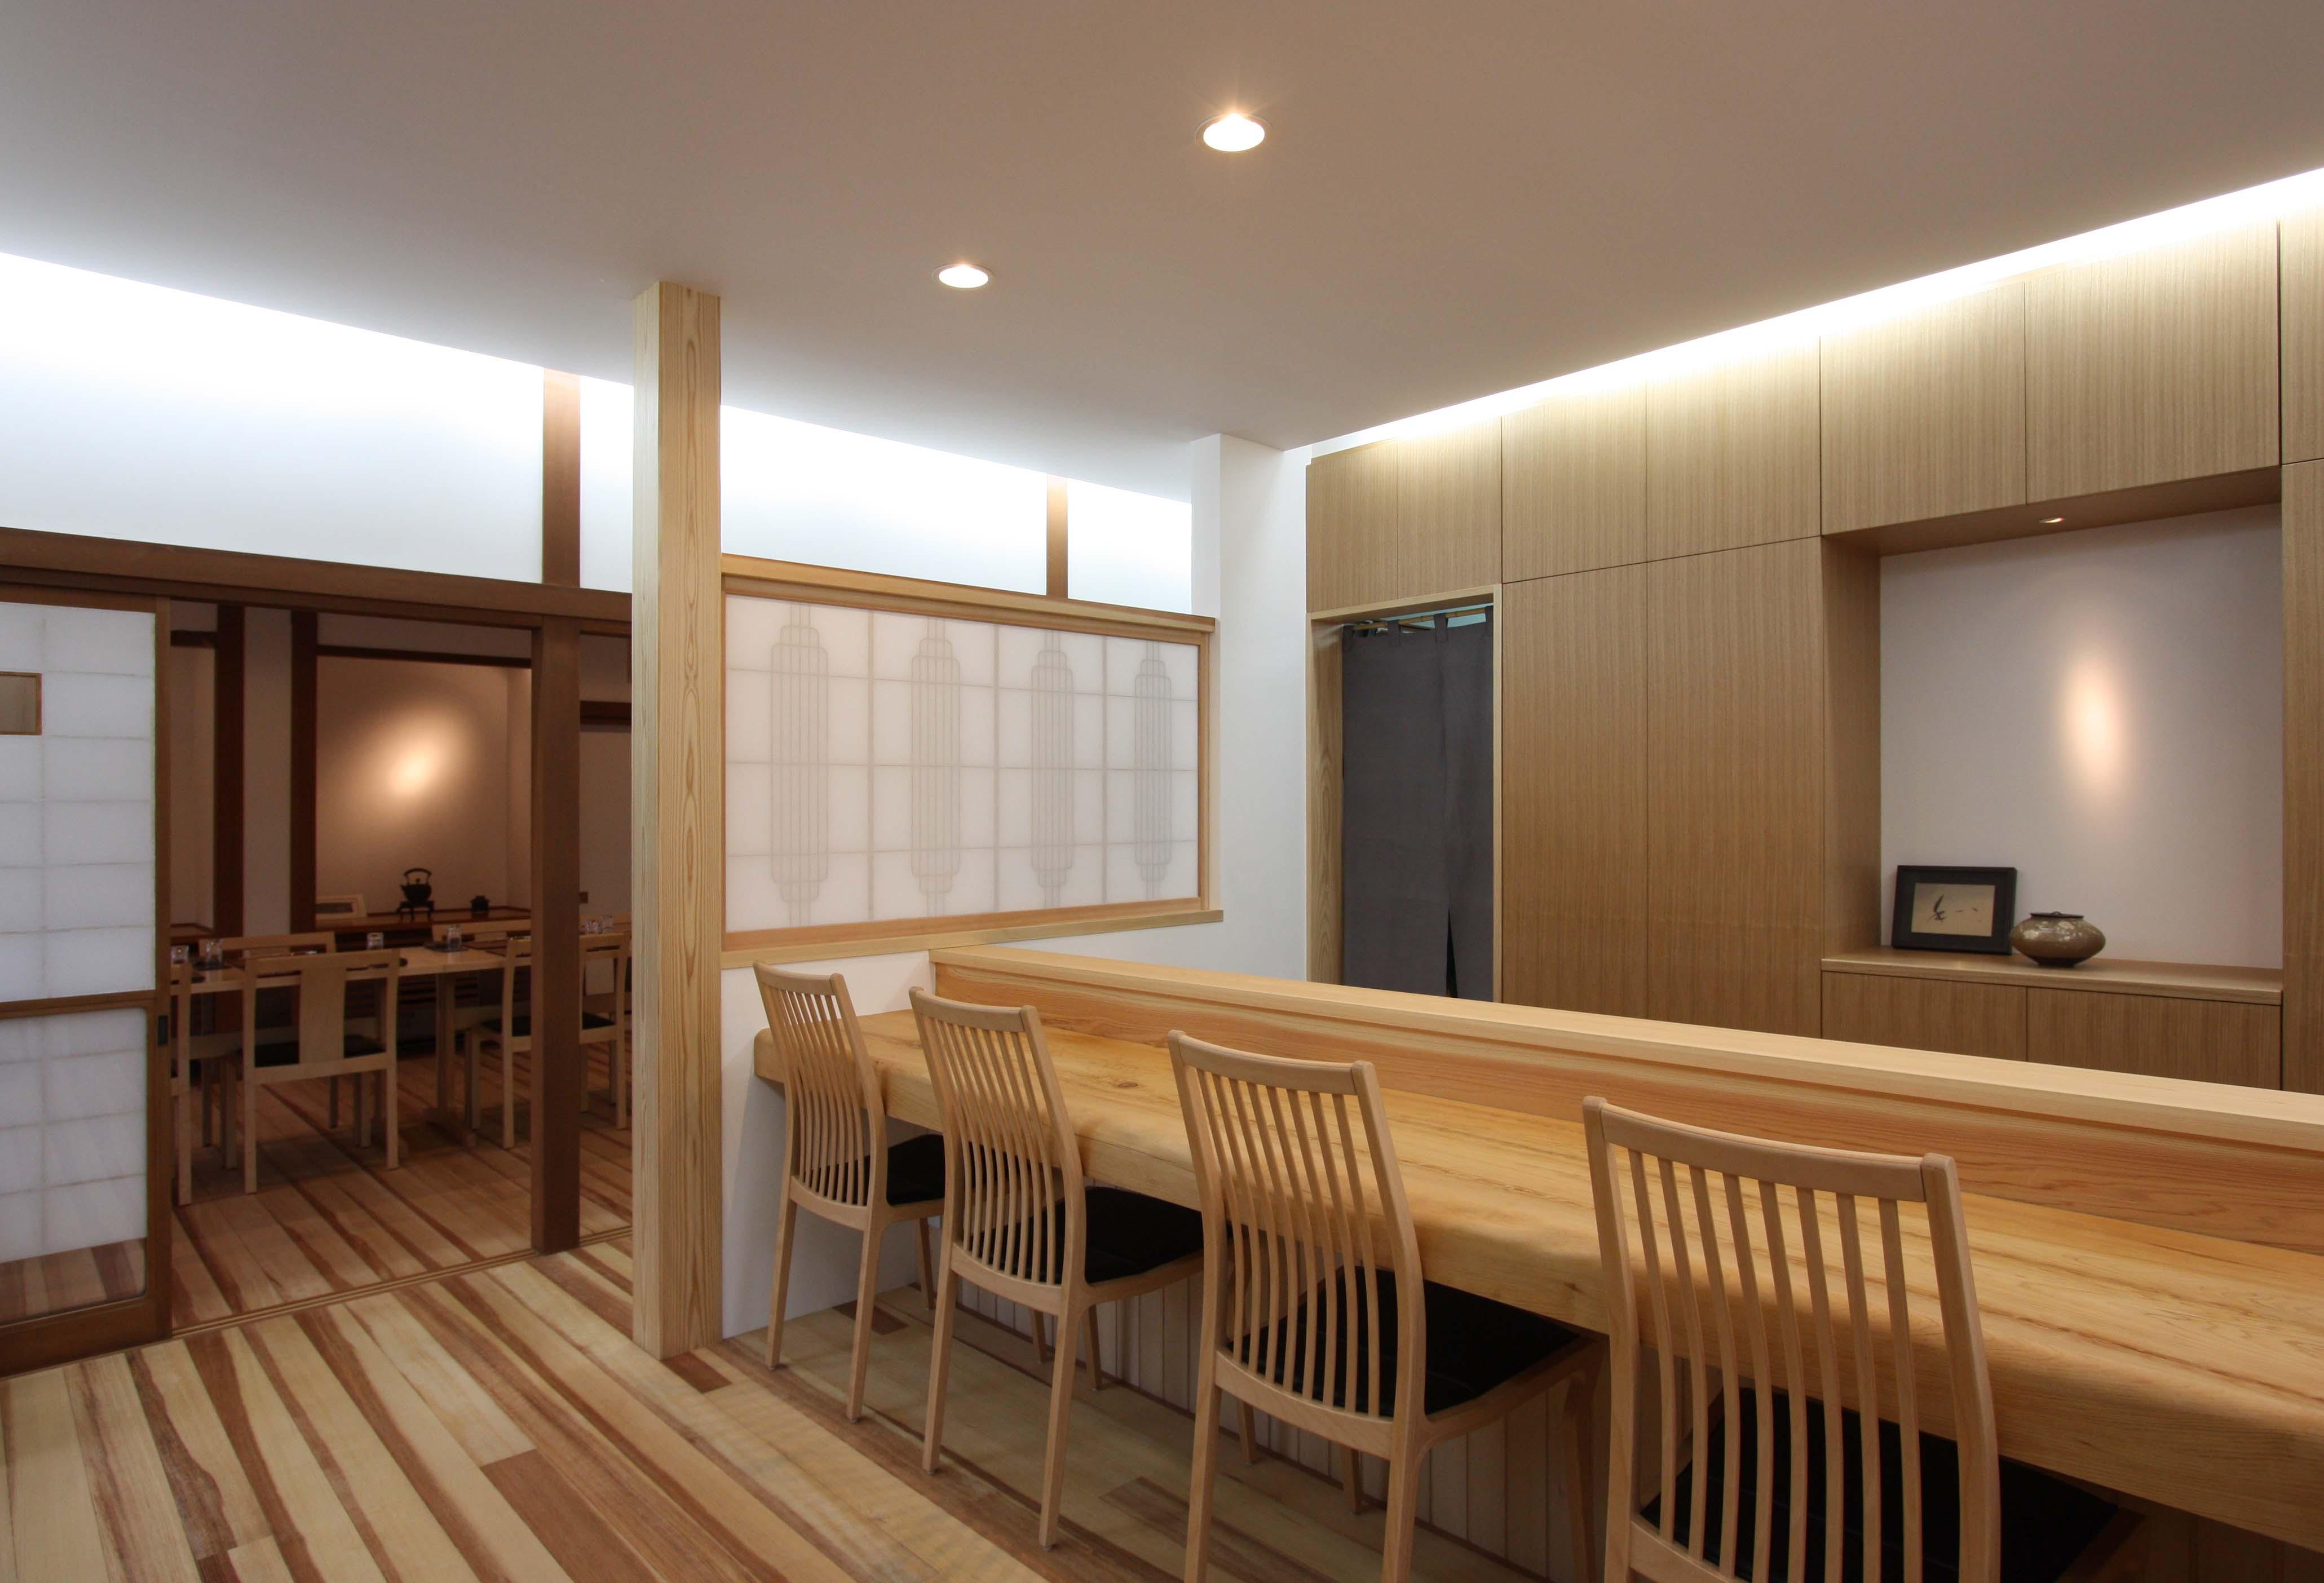 日本料理店 「馬場乃町 はやし」 開店_c0097137_1092043.jpg